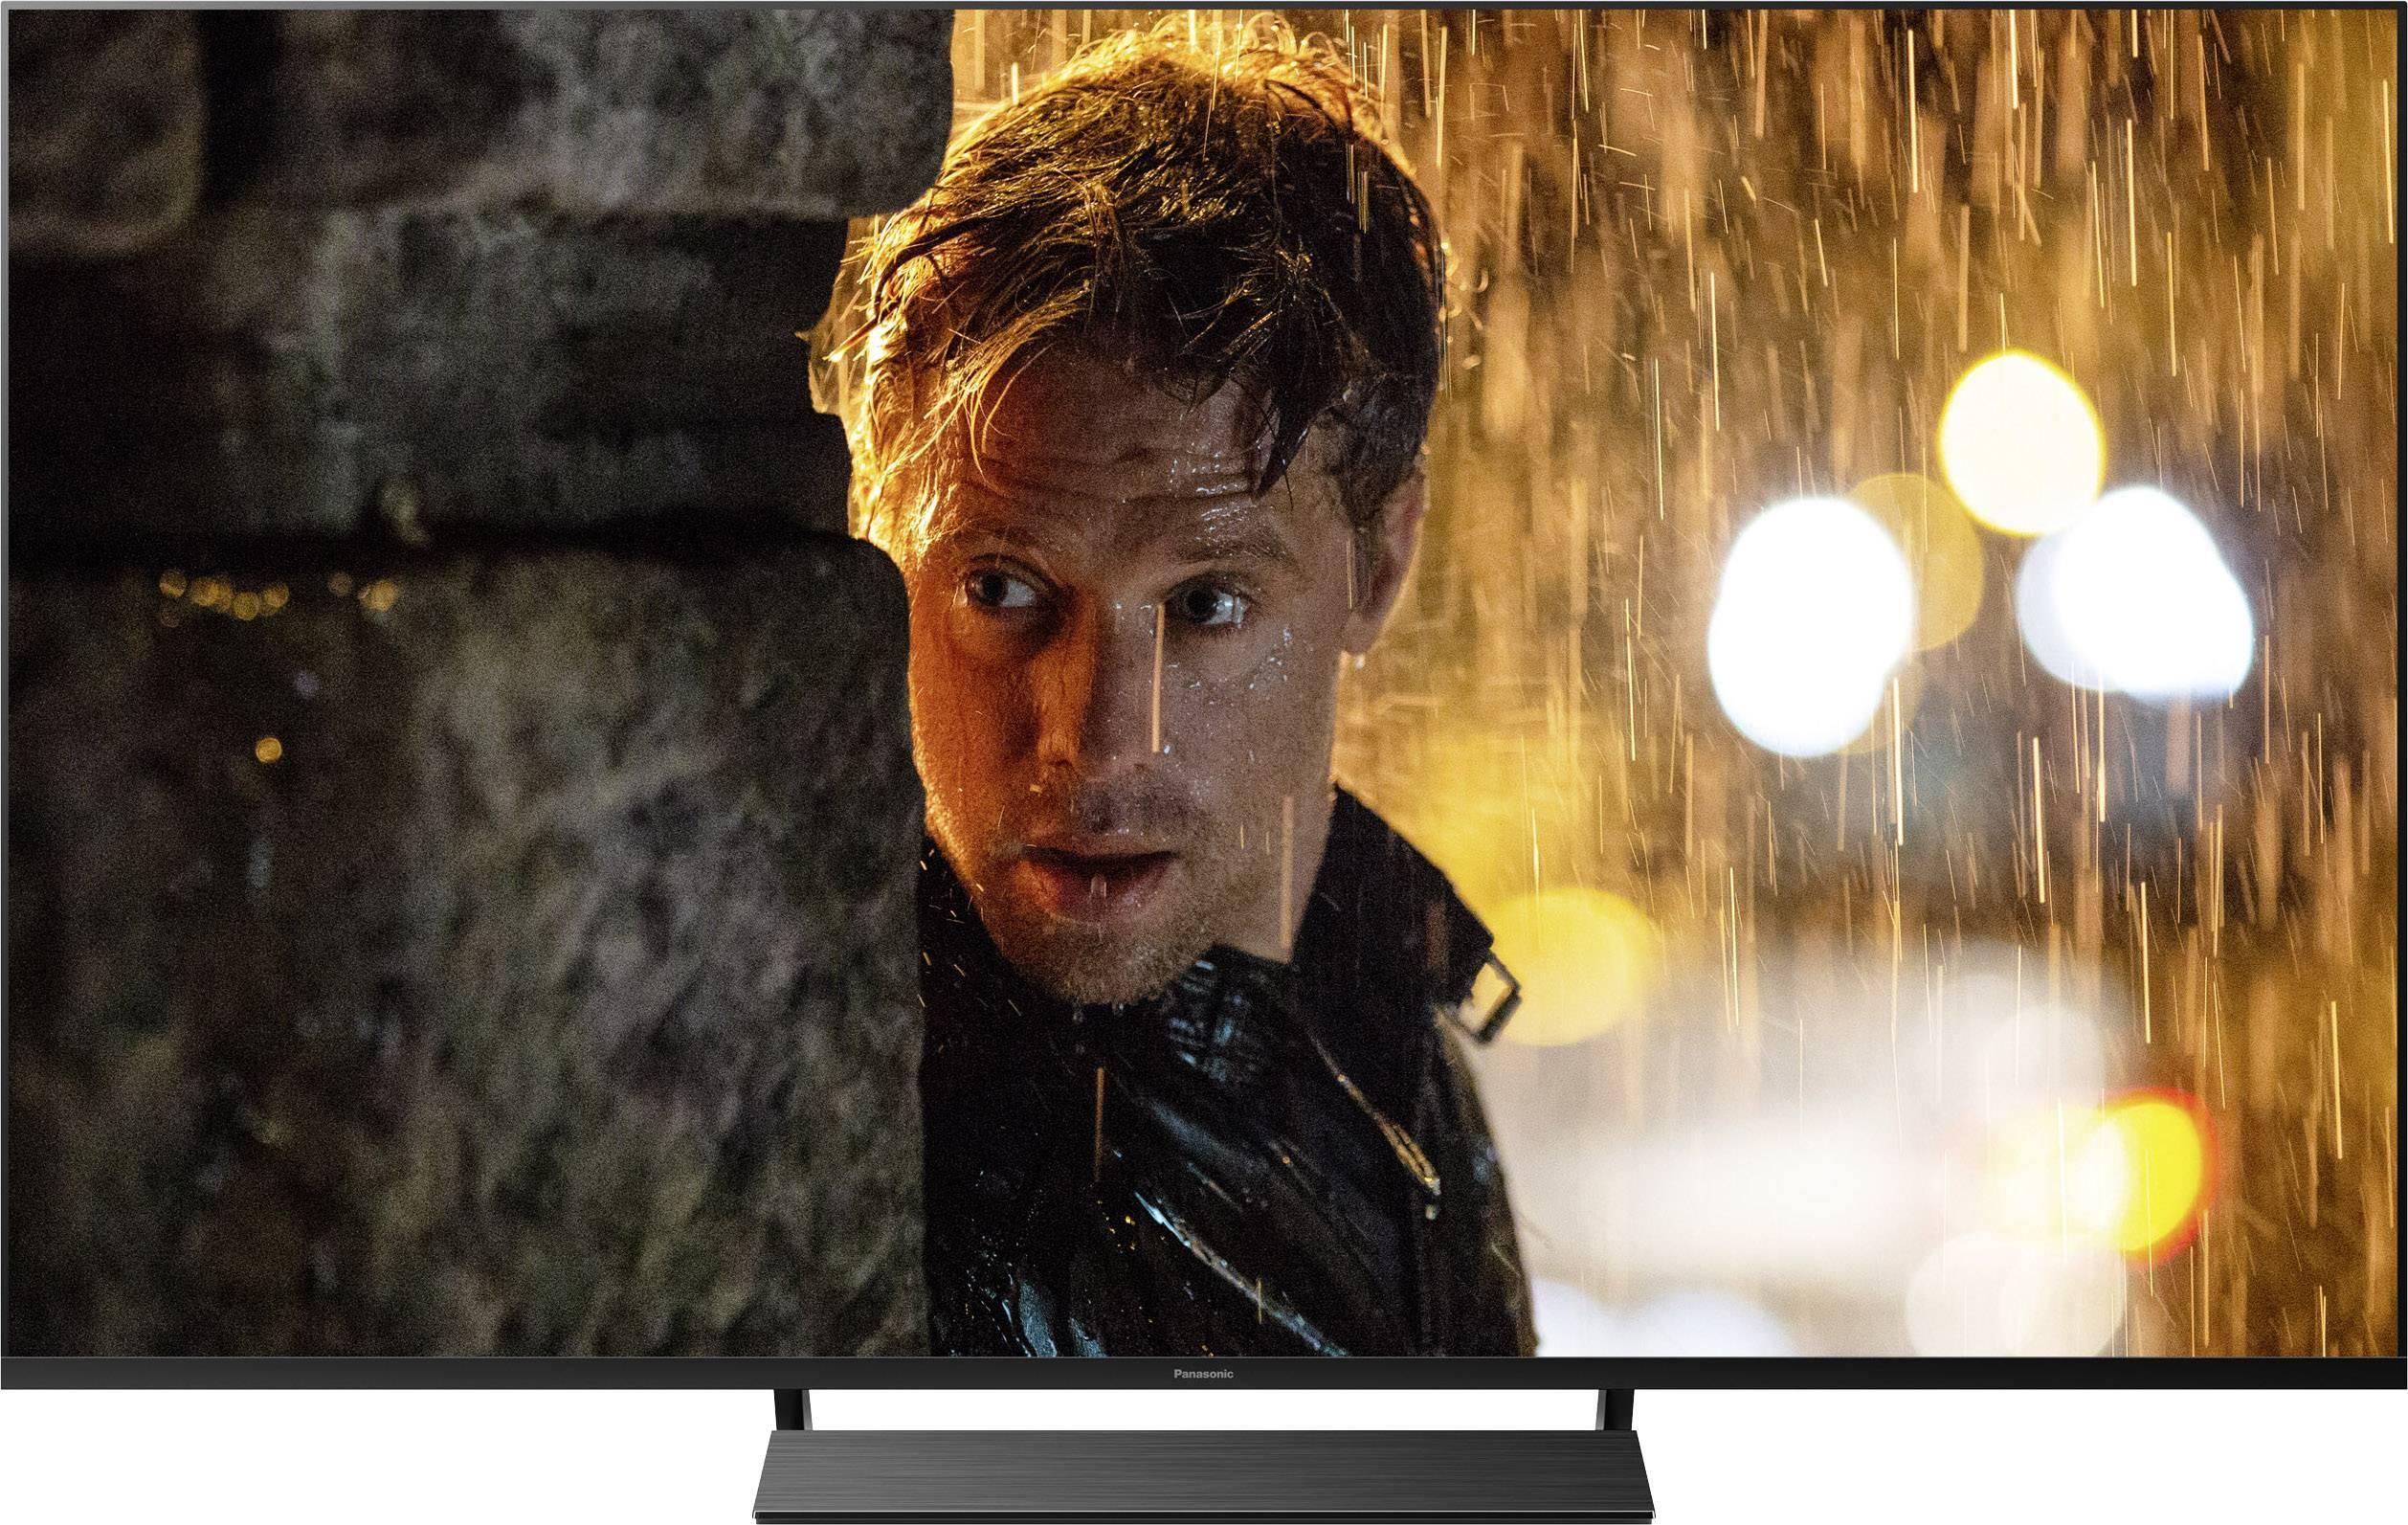 7d78b2d993 Panasonic TX-65GXW804 LED TV 164 cm 65